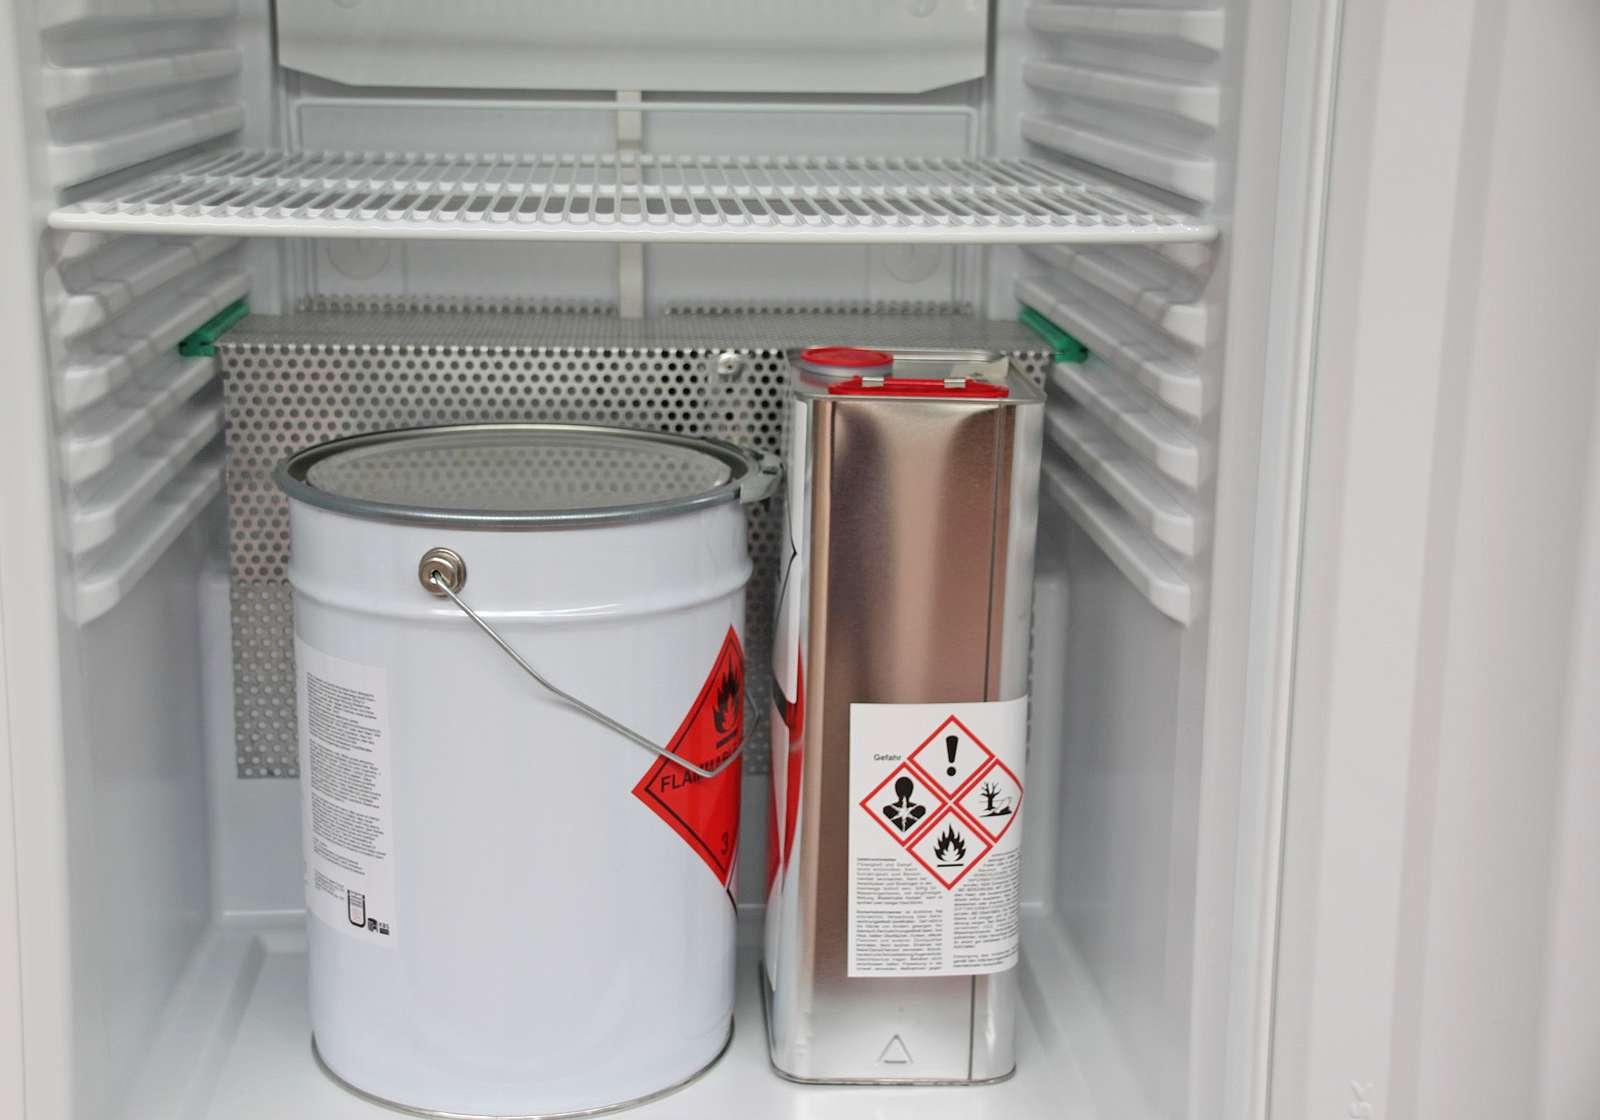 Integrierter Heizkörper sorgt für sofortigen Arbeitsbeginn mit gebrauchsfertigem Harz